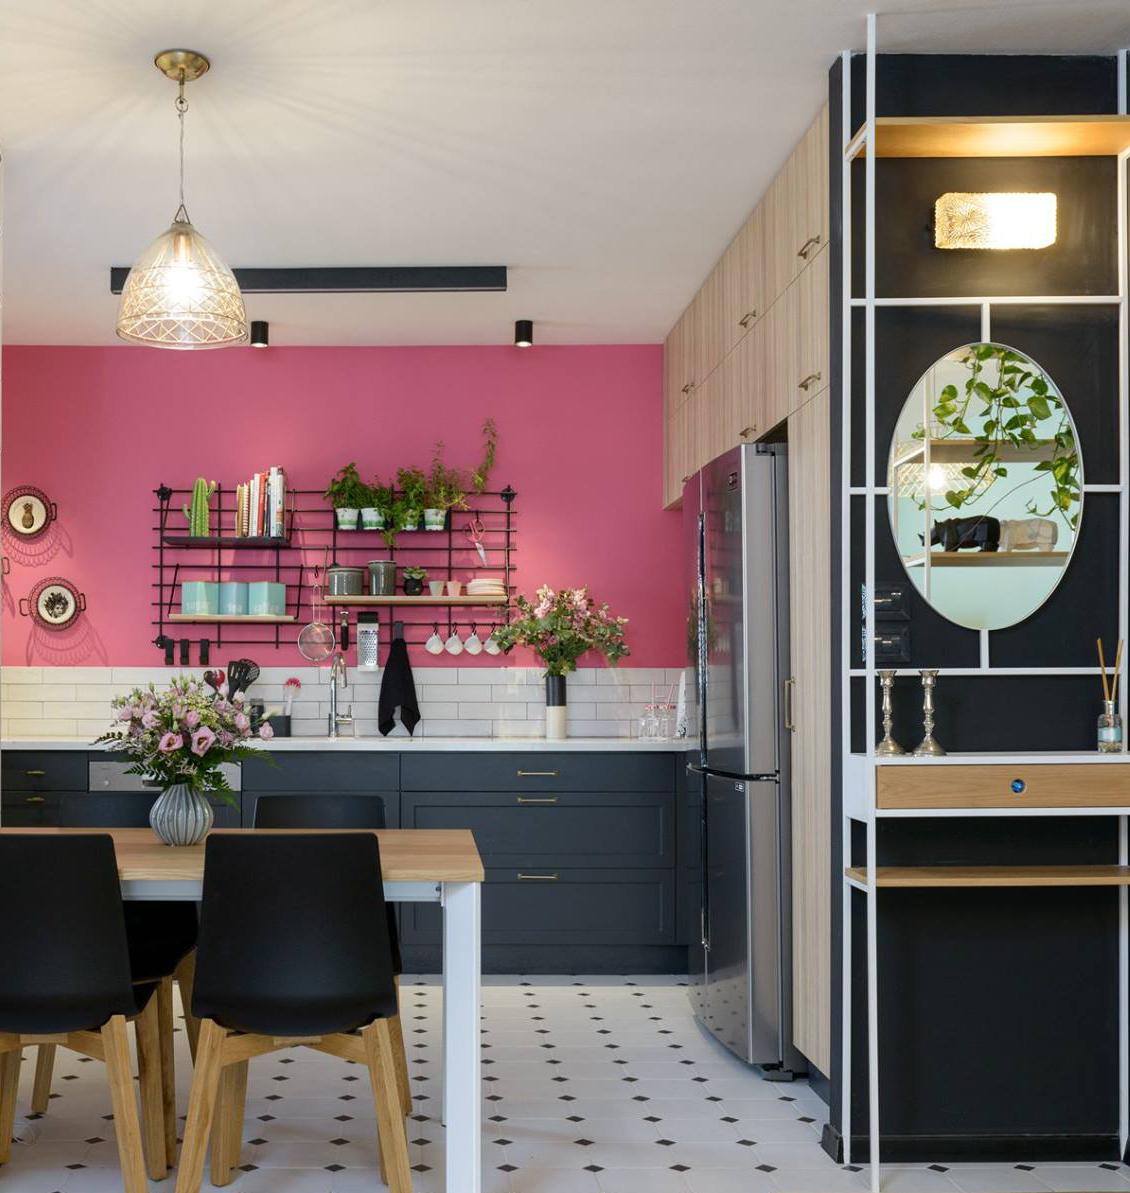 קיר כוח: אם אתם רוצים להעניק למטבח הנטרלי מראה ייחודי שמבטא אתכם, צבעו קיר אחד בגוון נועז. עיצוב: שני רינג